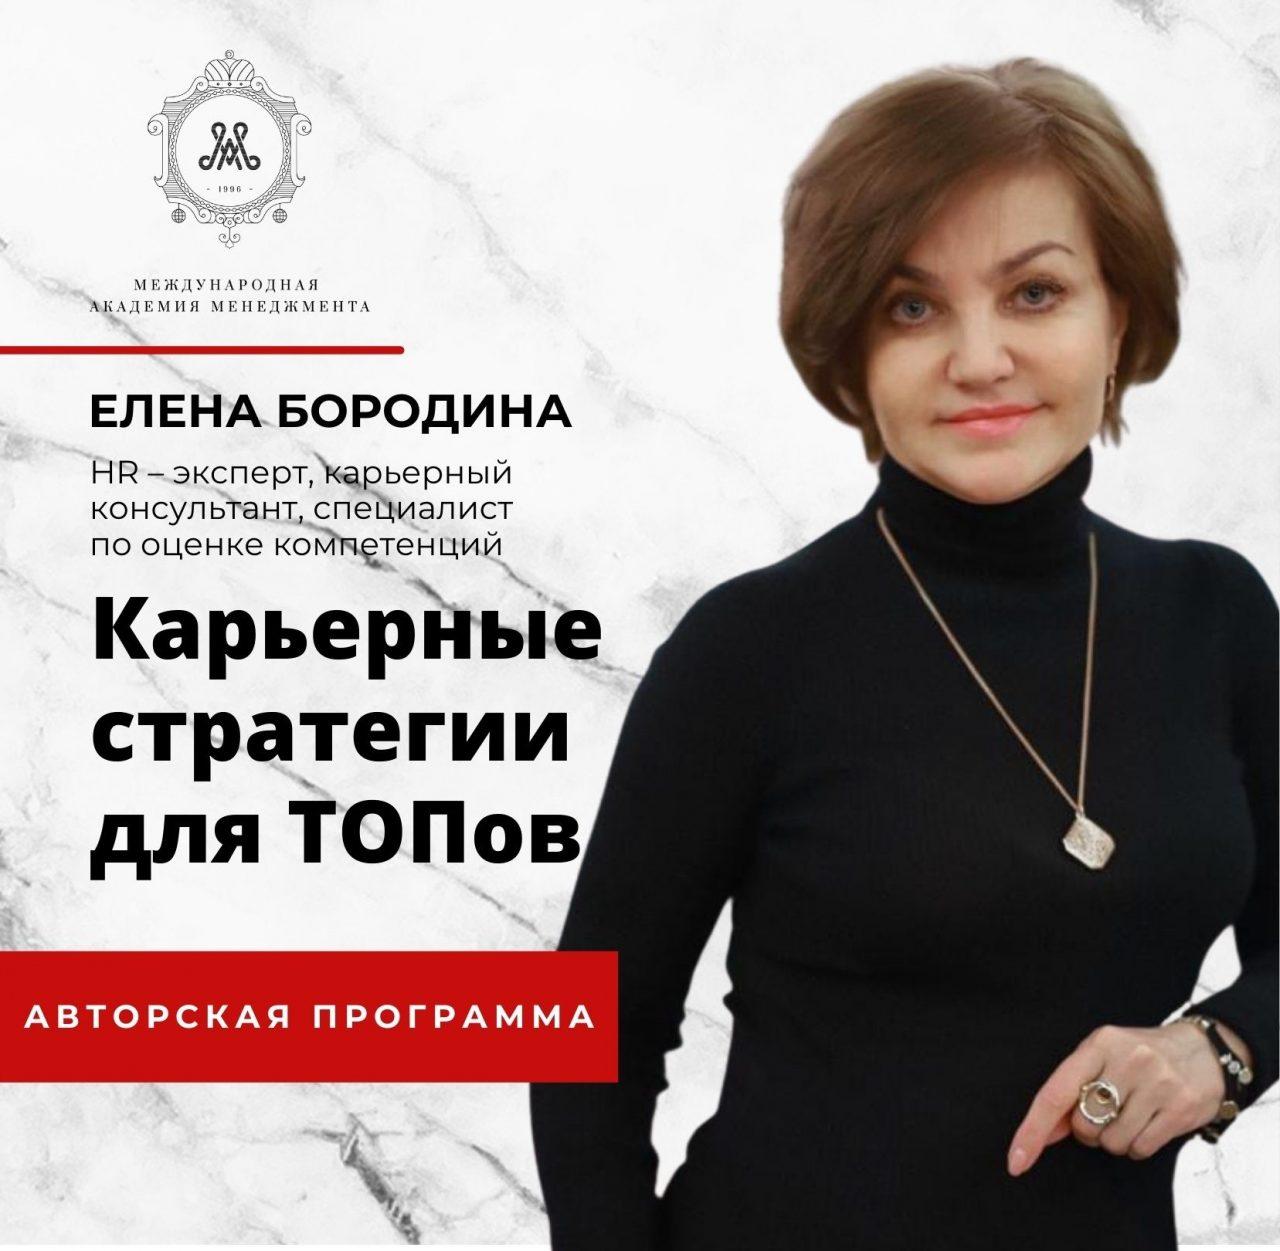 Авторская программа Елены Бородиной